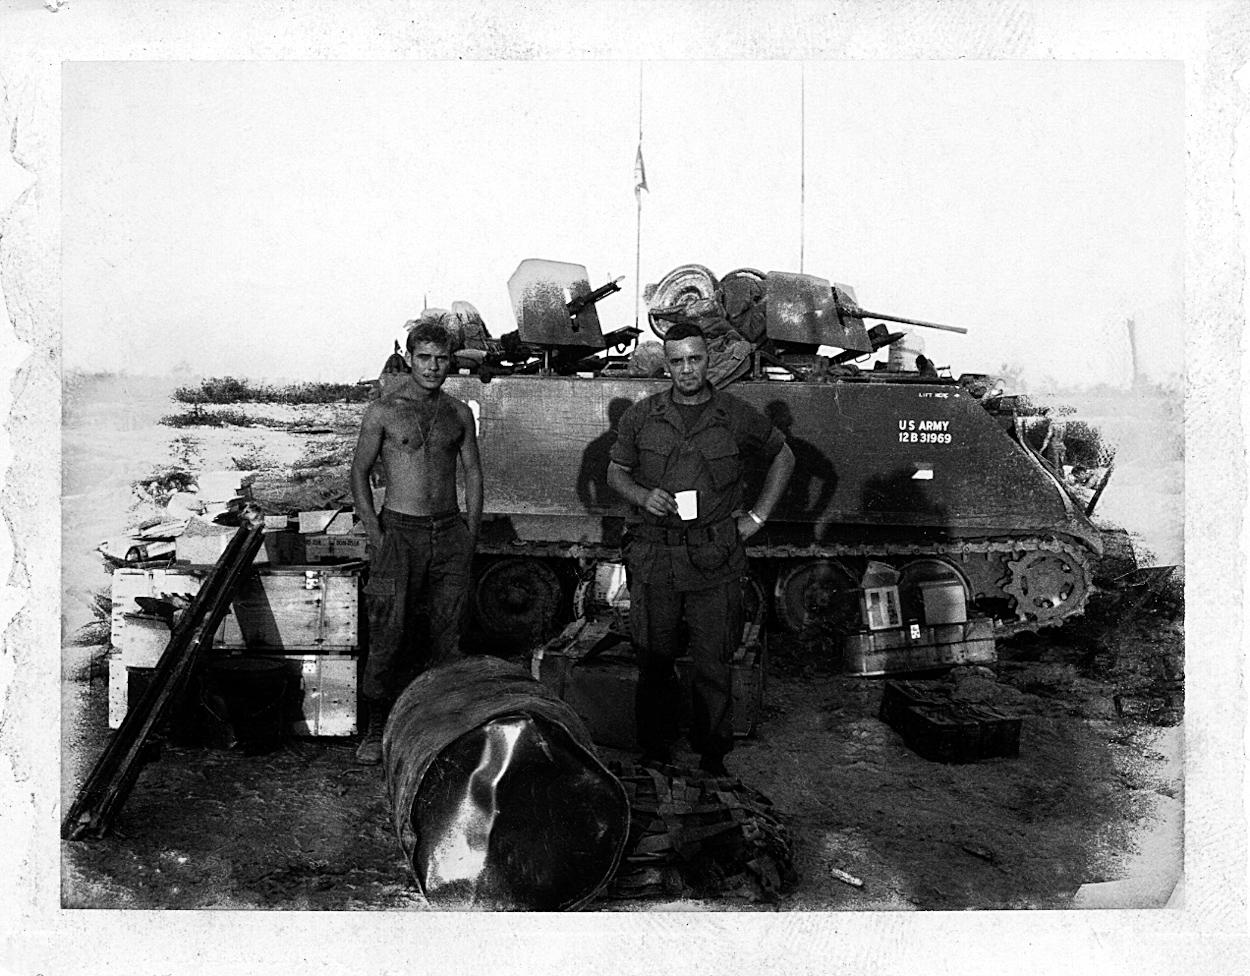 Phelan_1968-70Vietnam_0169